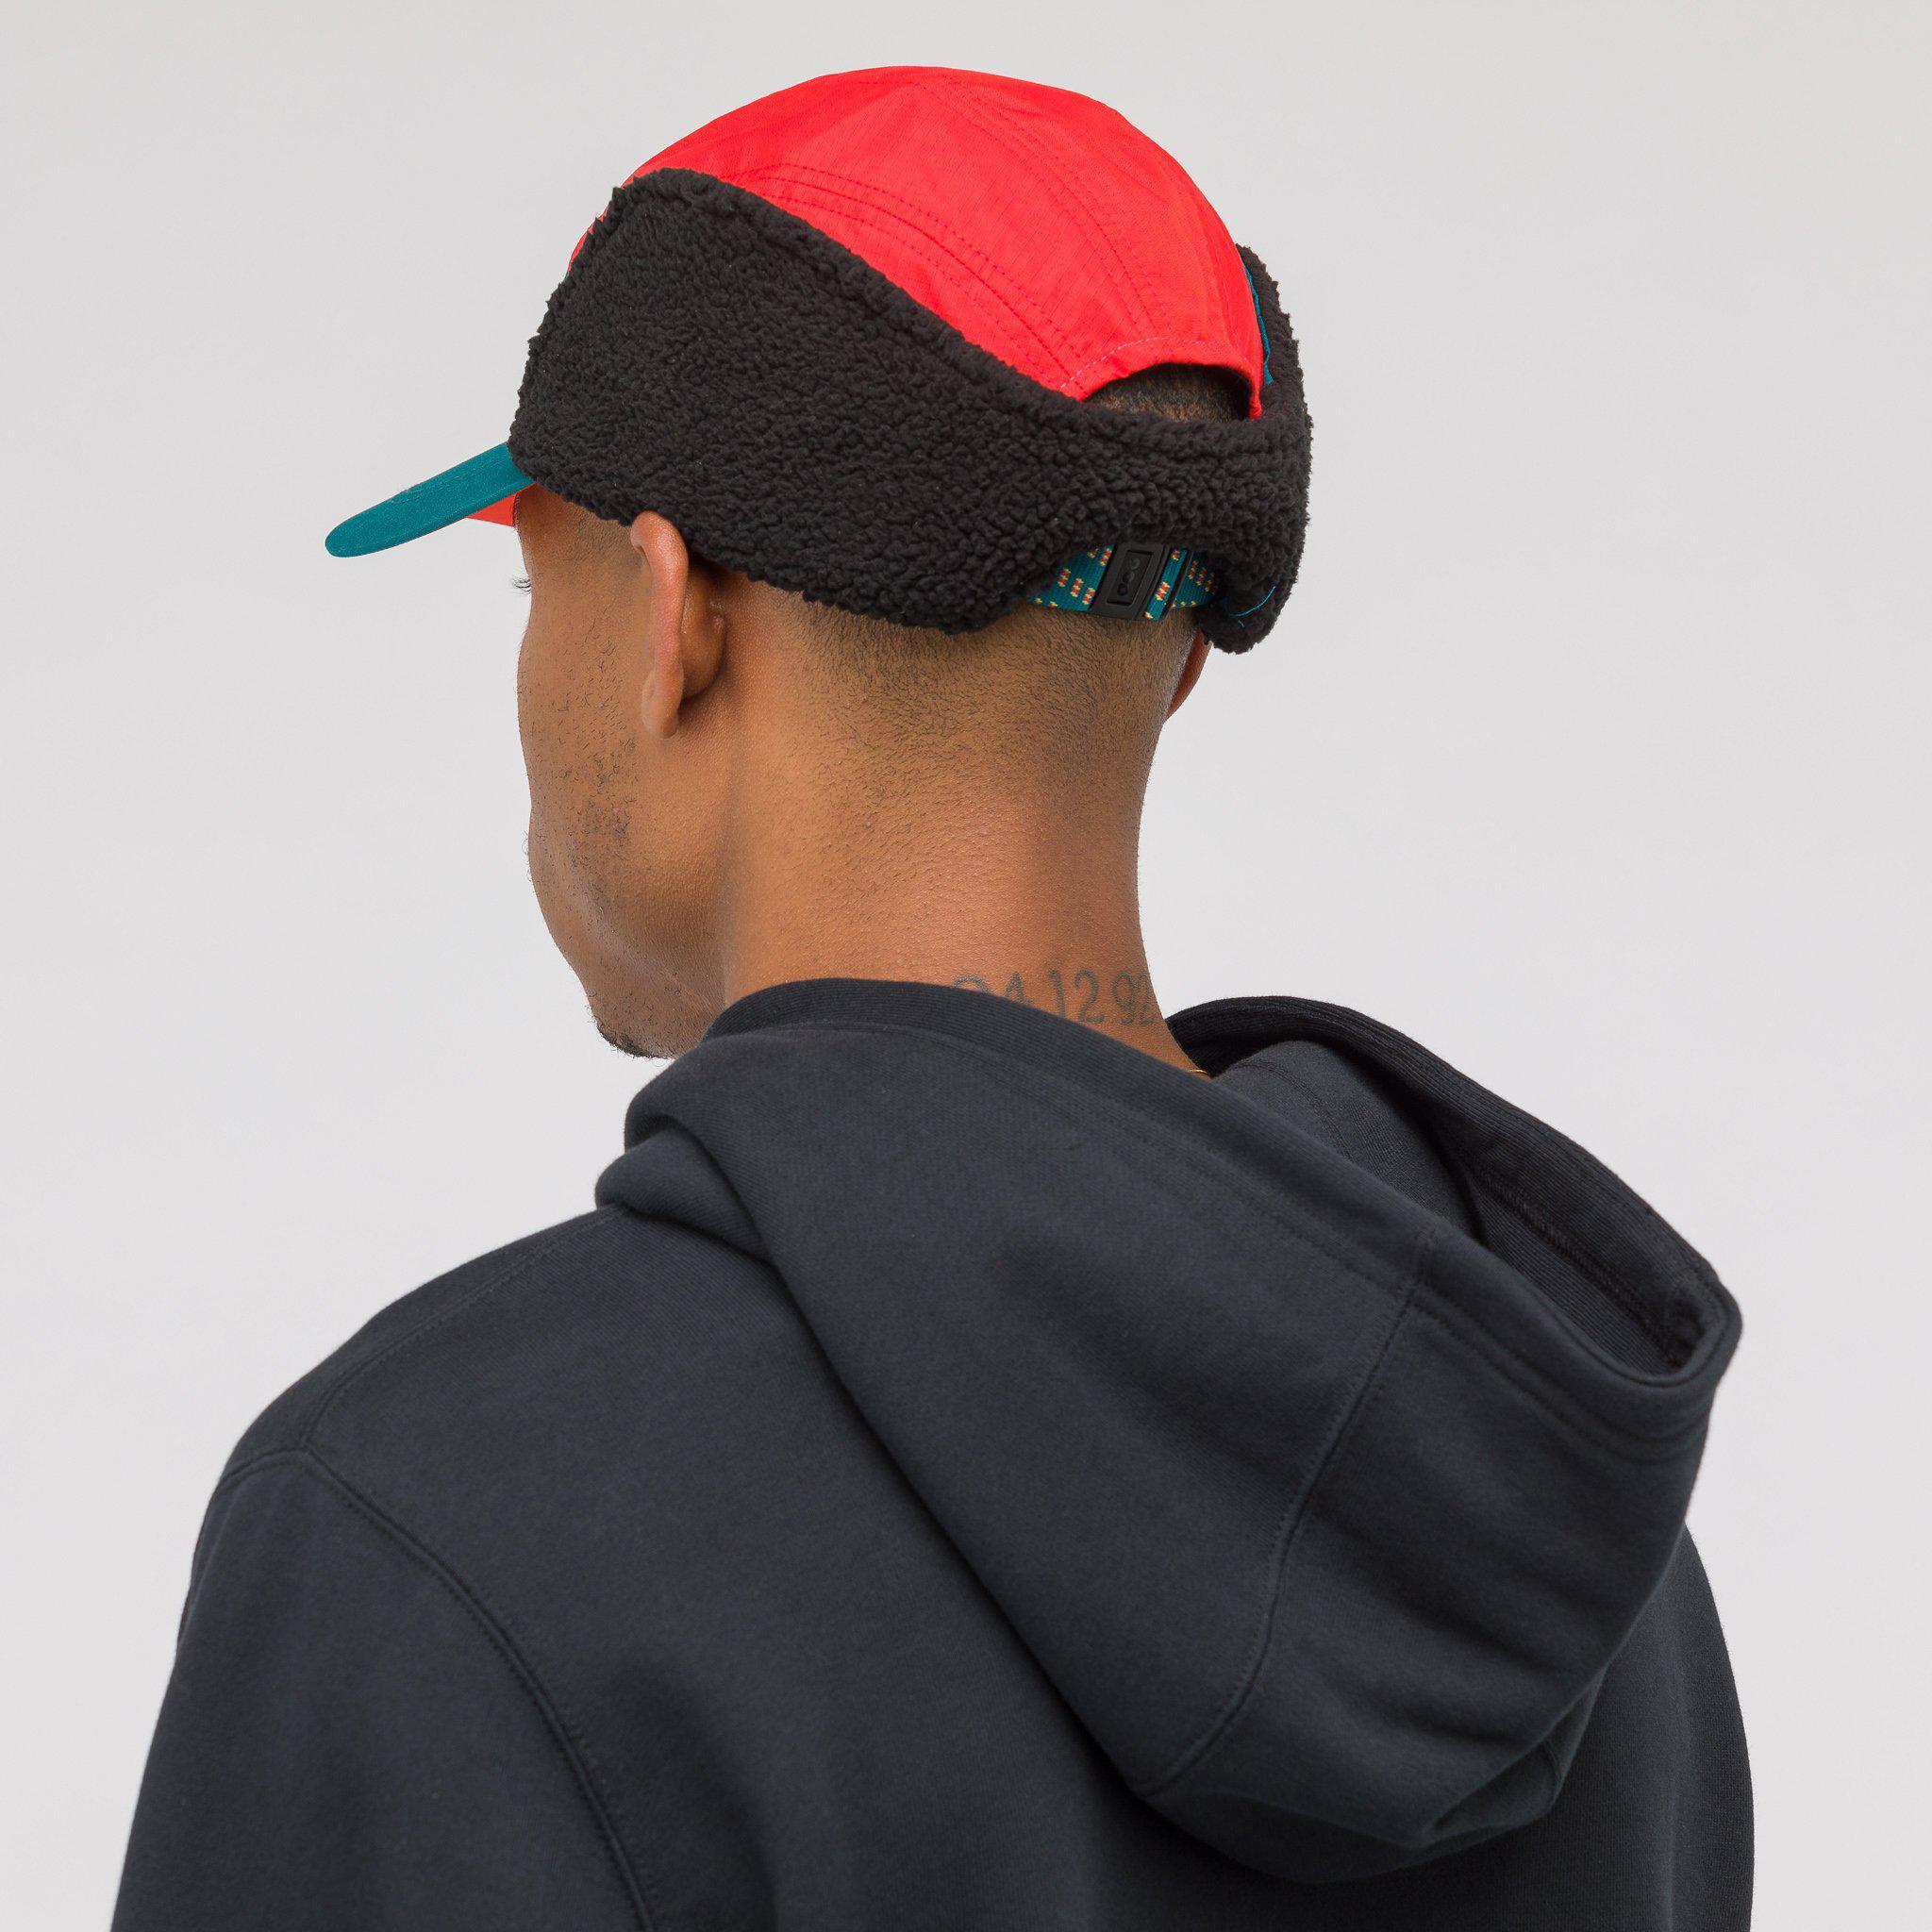 90dd91ba Nike Acg Tailwind Sherpa Hat In Teal/red in Blue for Men - Lyst